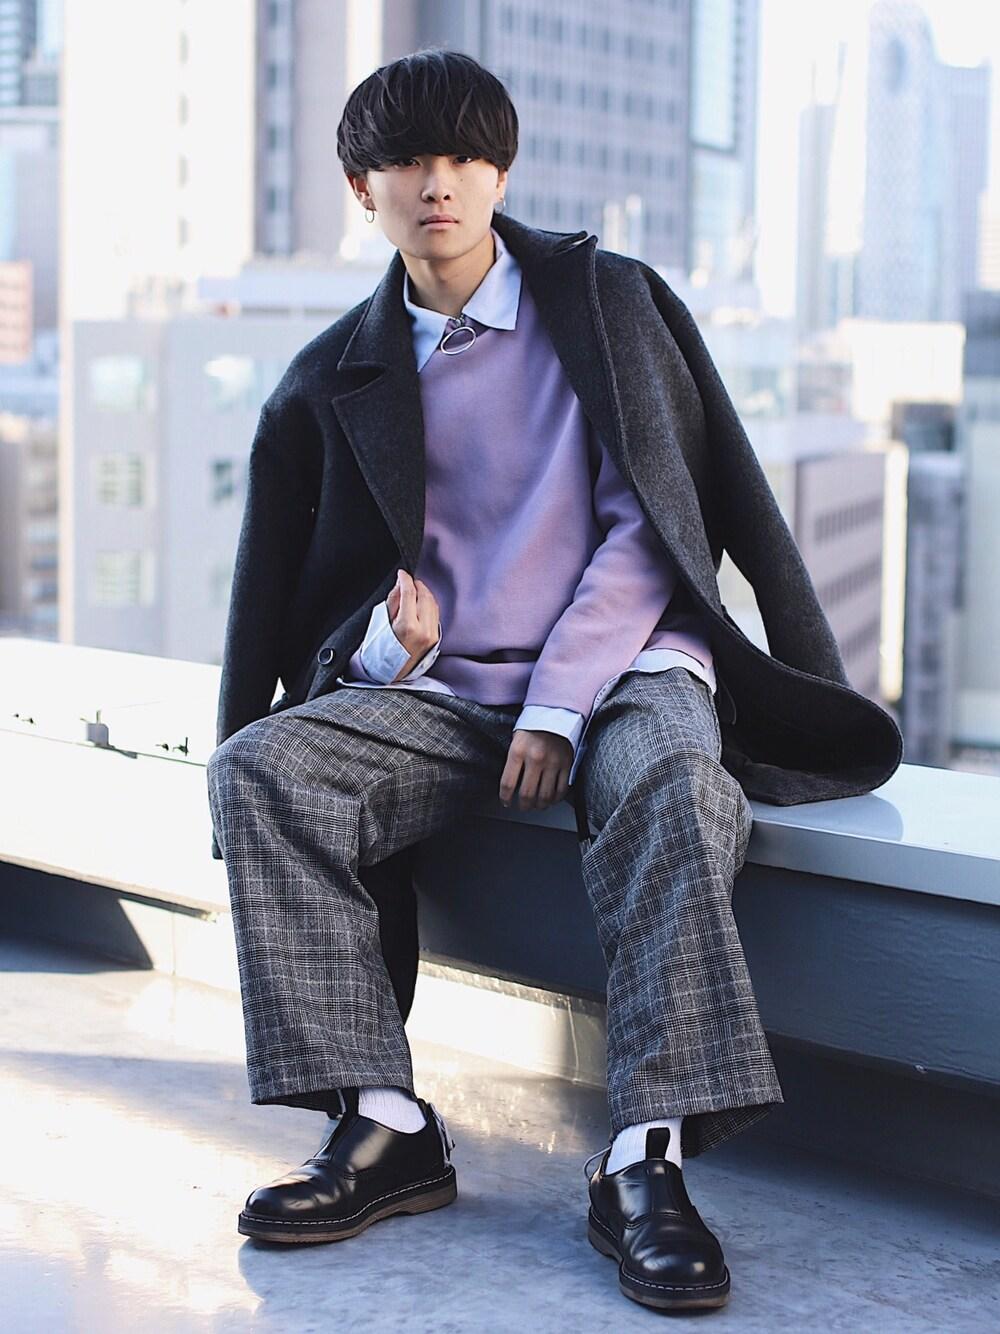 秋冬トレンドファッションカラーって?2018流行のポイント【メンズ・レディース別】